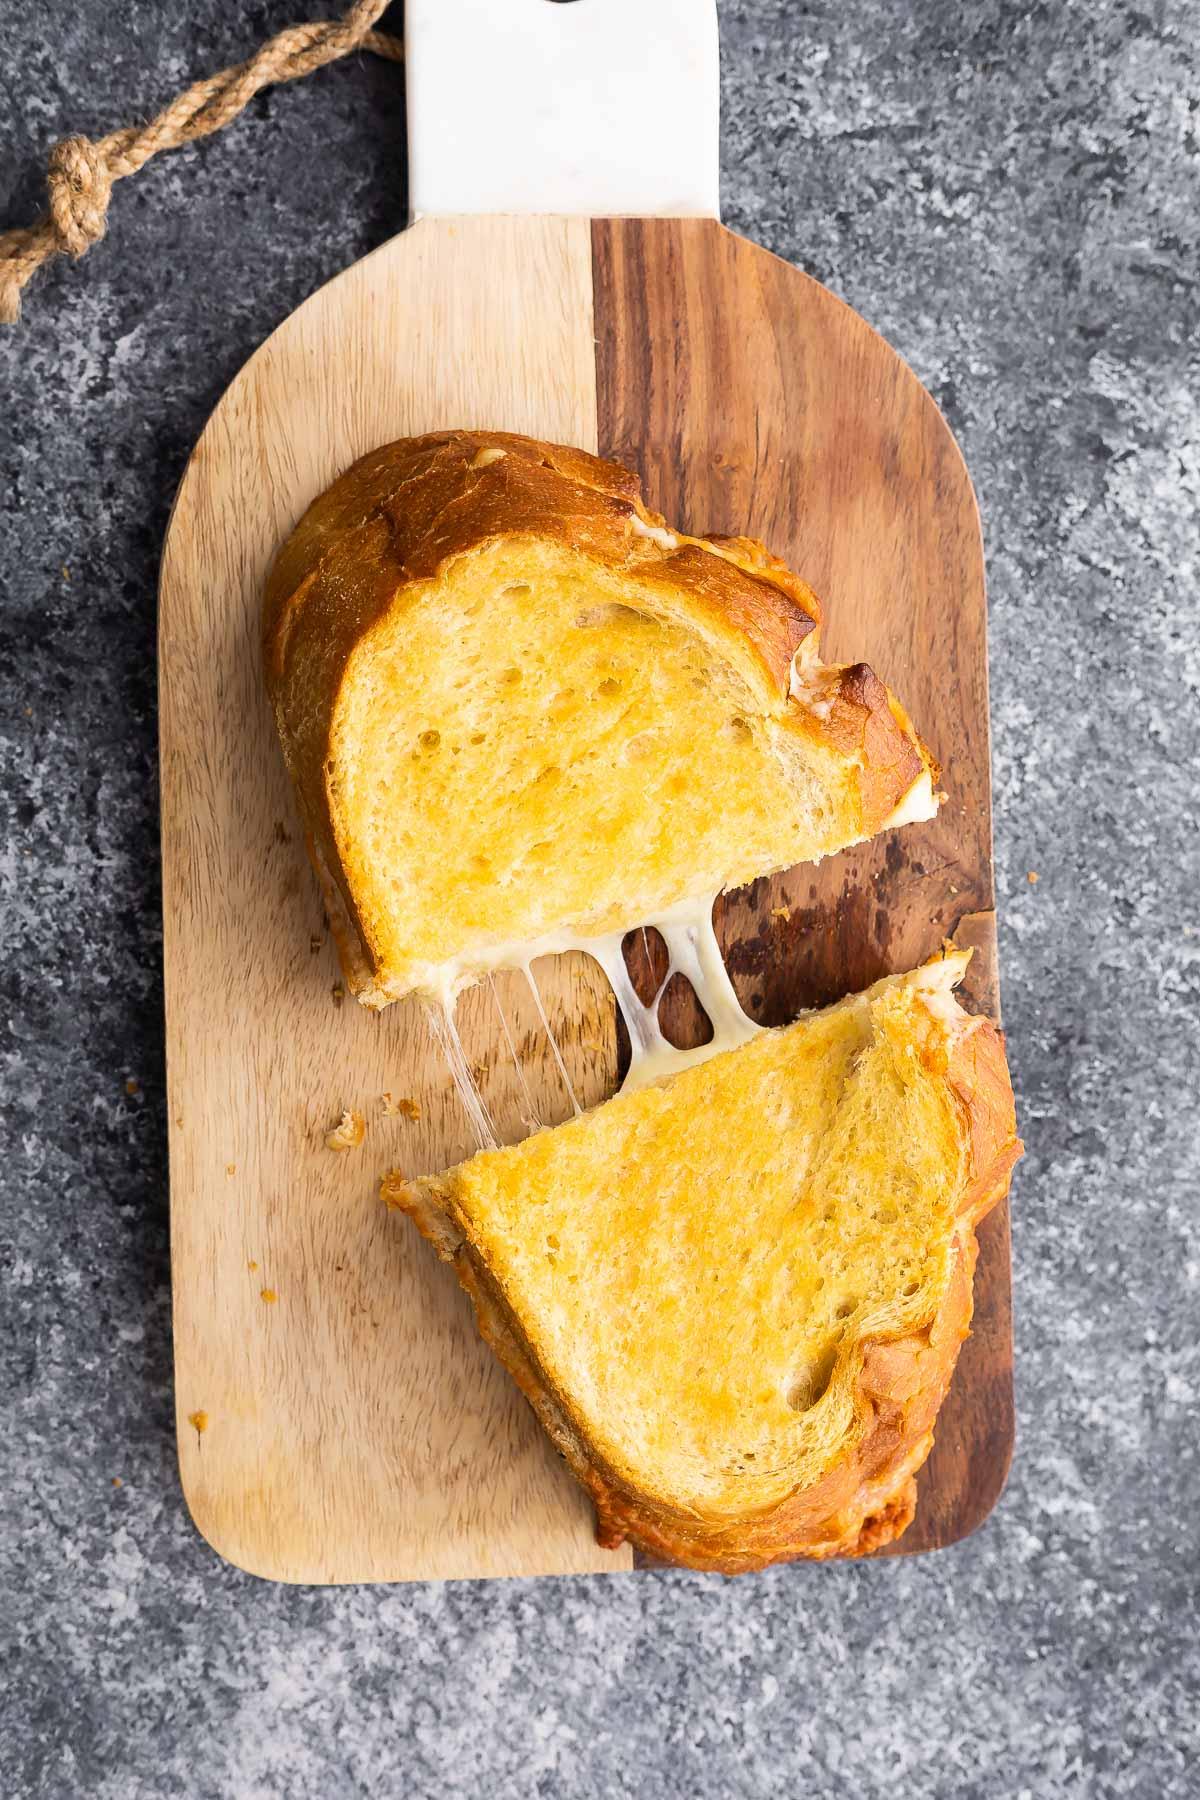 kesme tahtası üzerinde ızgara peynir, yapışkan peyniri açığa çıkaran parçalara ayrılmış